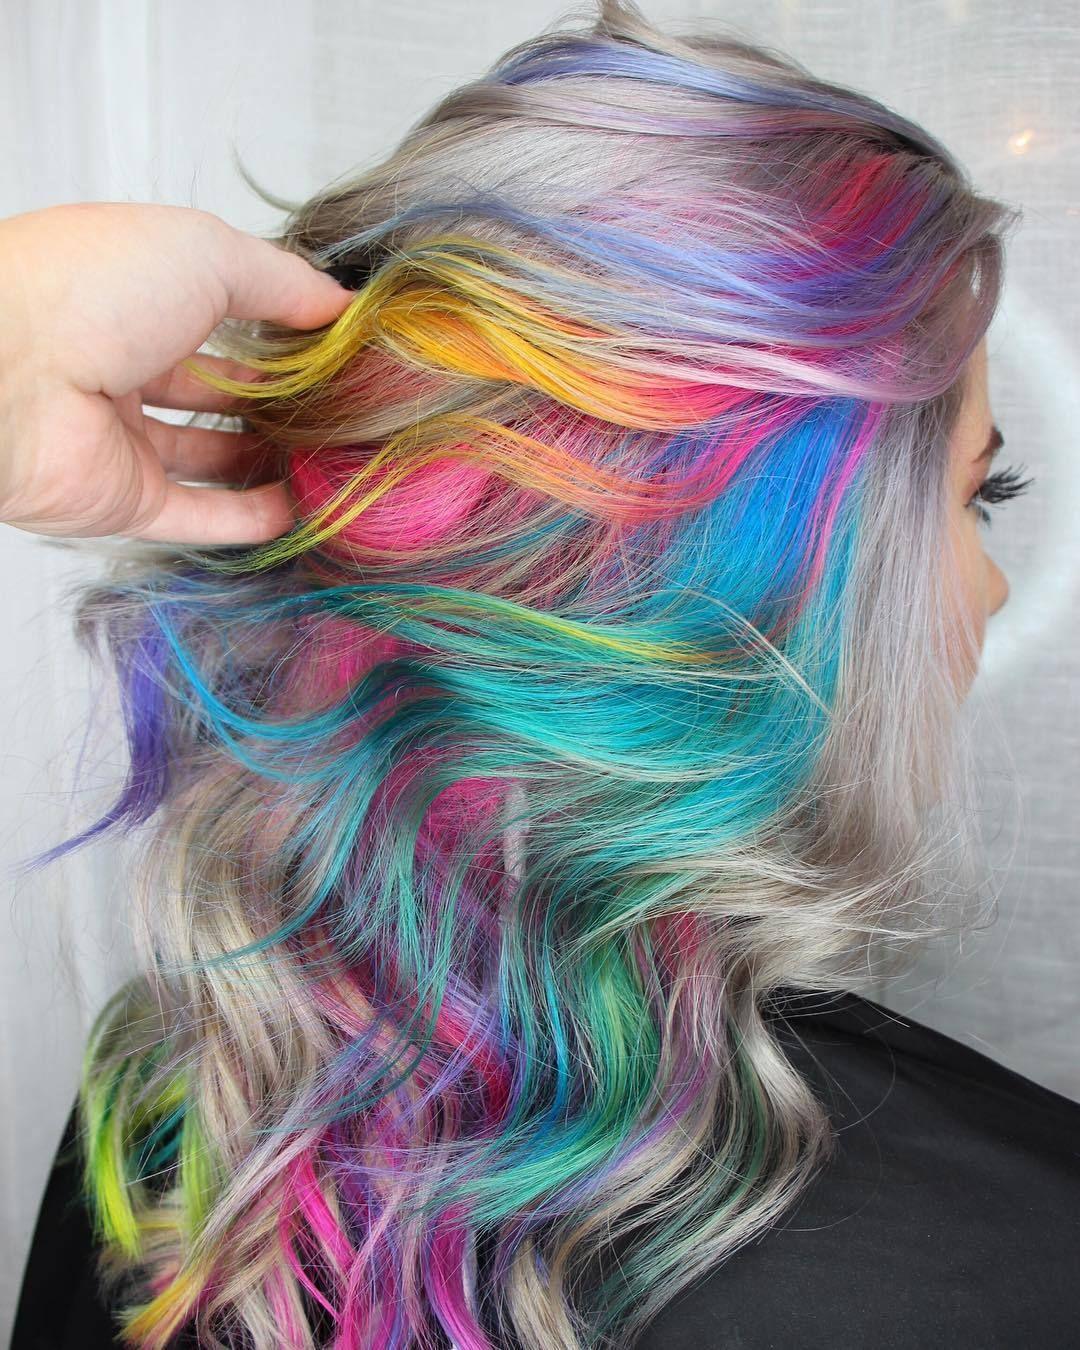 instagram blog | cute hairstyles | pinterest | instagram blog, hair